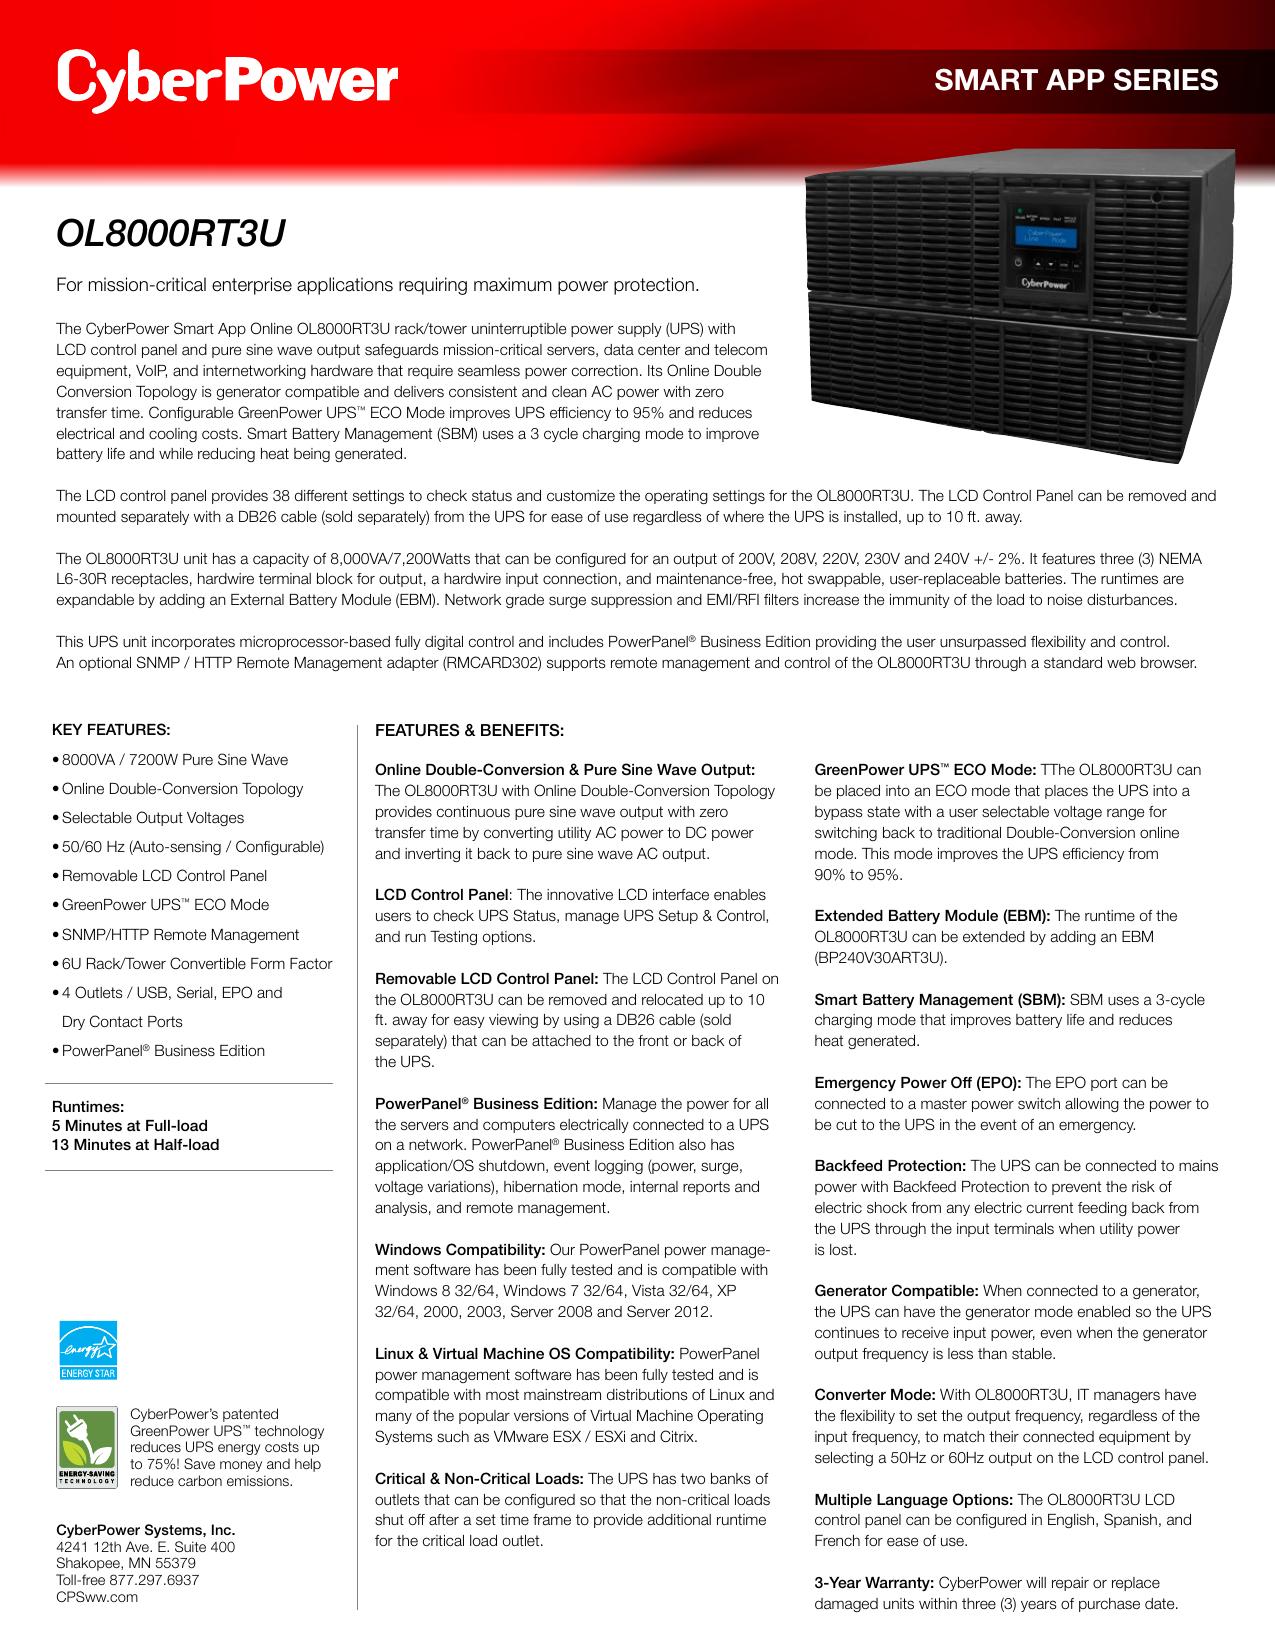 OL8000RT3U - CyberPower | manualzz com